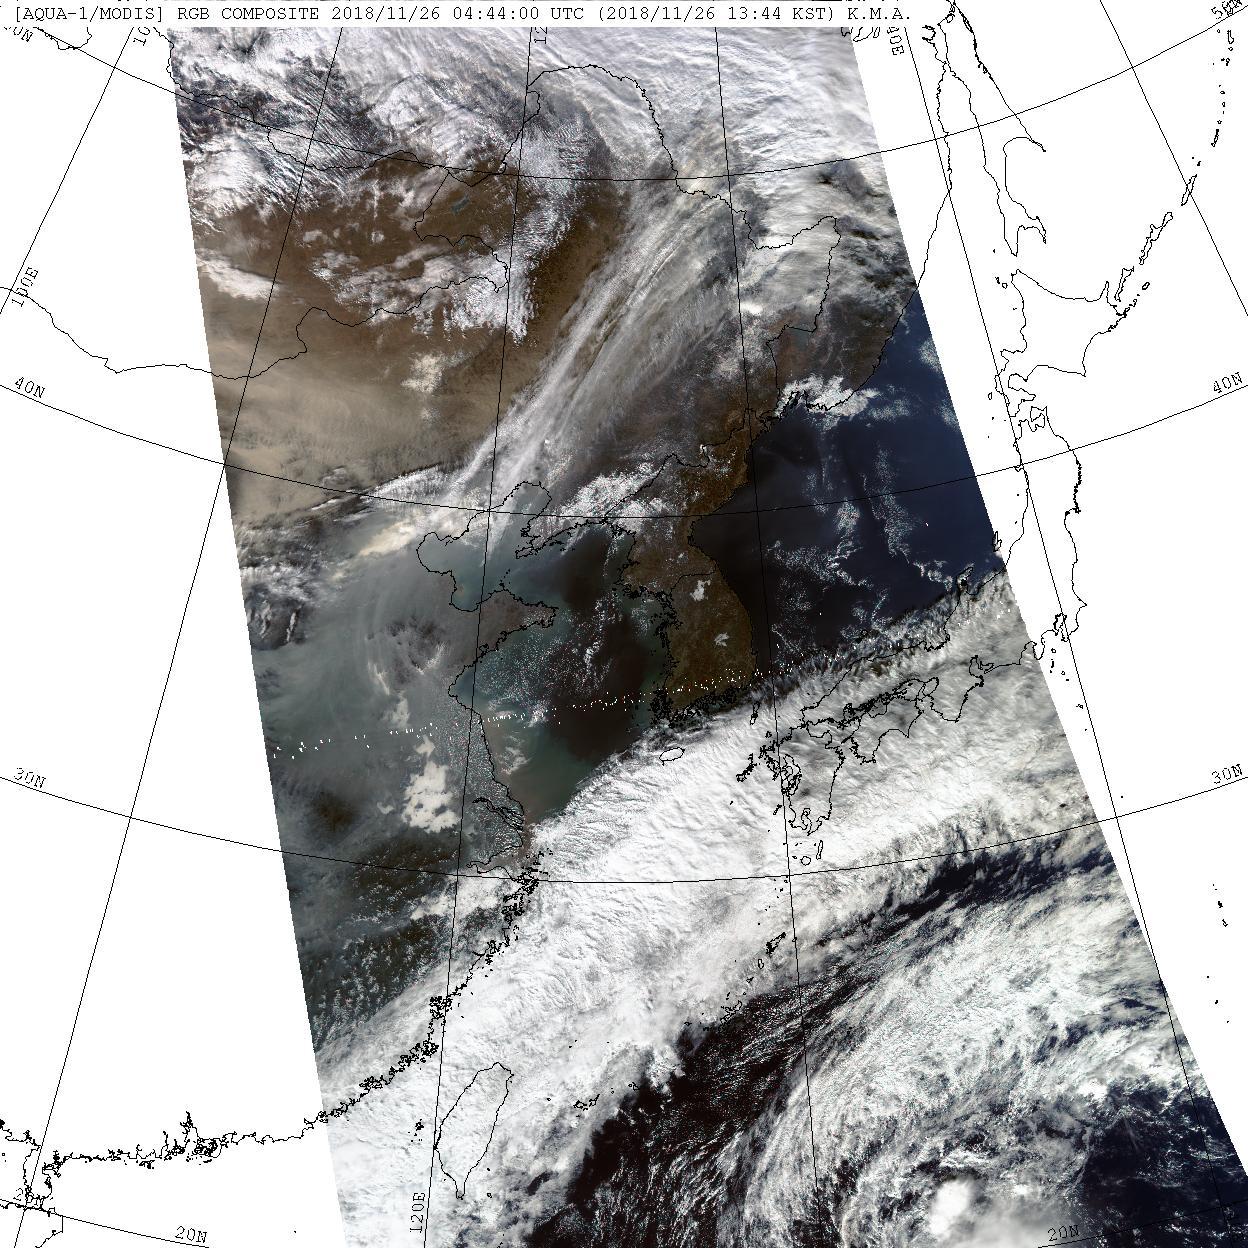 지난해 11월 26일 미 항공우주국 테라/아쿠아 위성사진. 왼쪽 위에는 황사 먼지가, 베이징과 산둥반도 주변에는 짙은 스모그가 보인다. 반면 한반도 상공은 미세먼지 없이 청정하다. [사진 기상청 홈페이지]